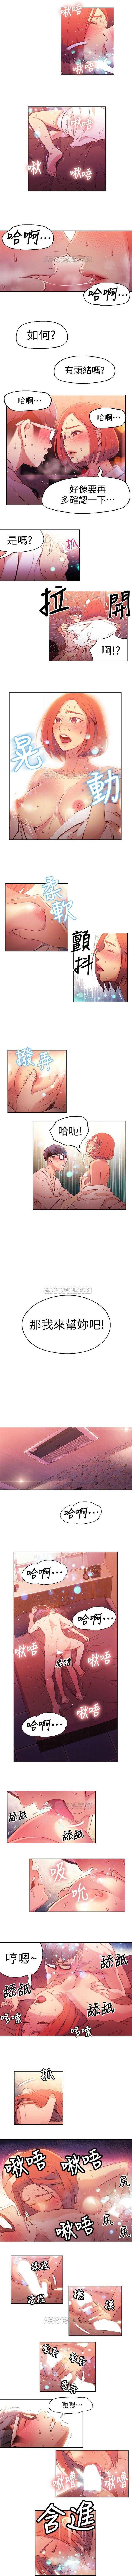 (周7)超导体鲁蛇(超级吸引力) 1-17 中文翻译(更新中) 71